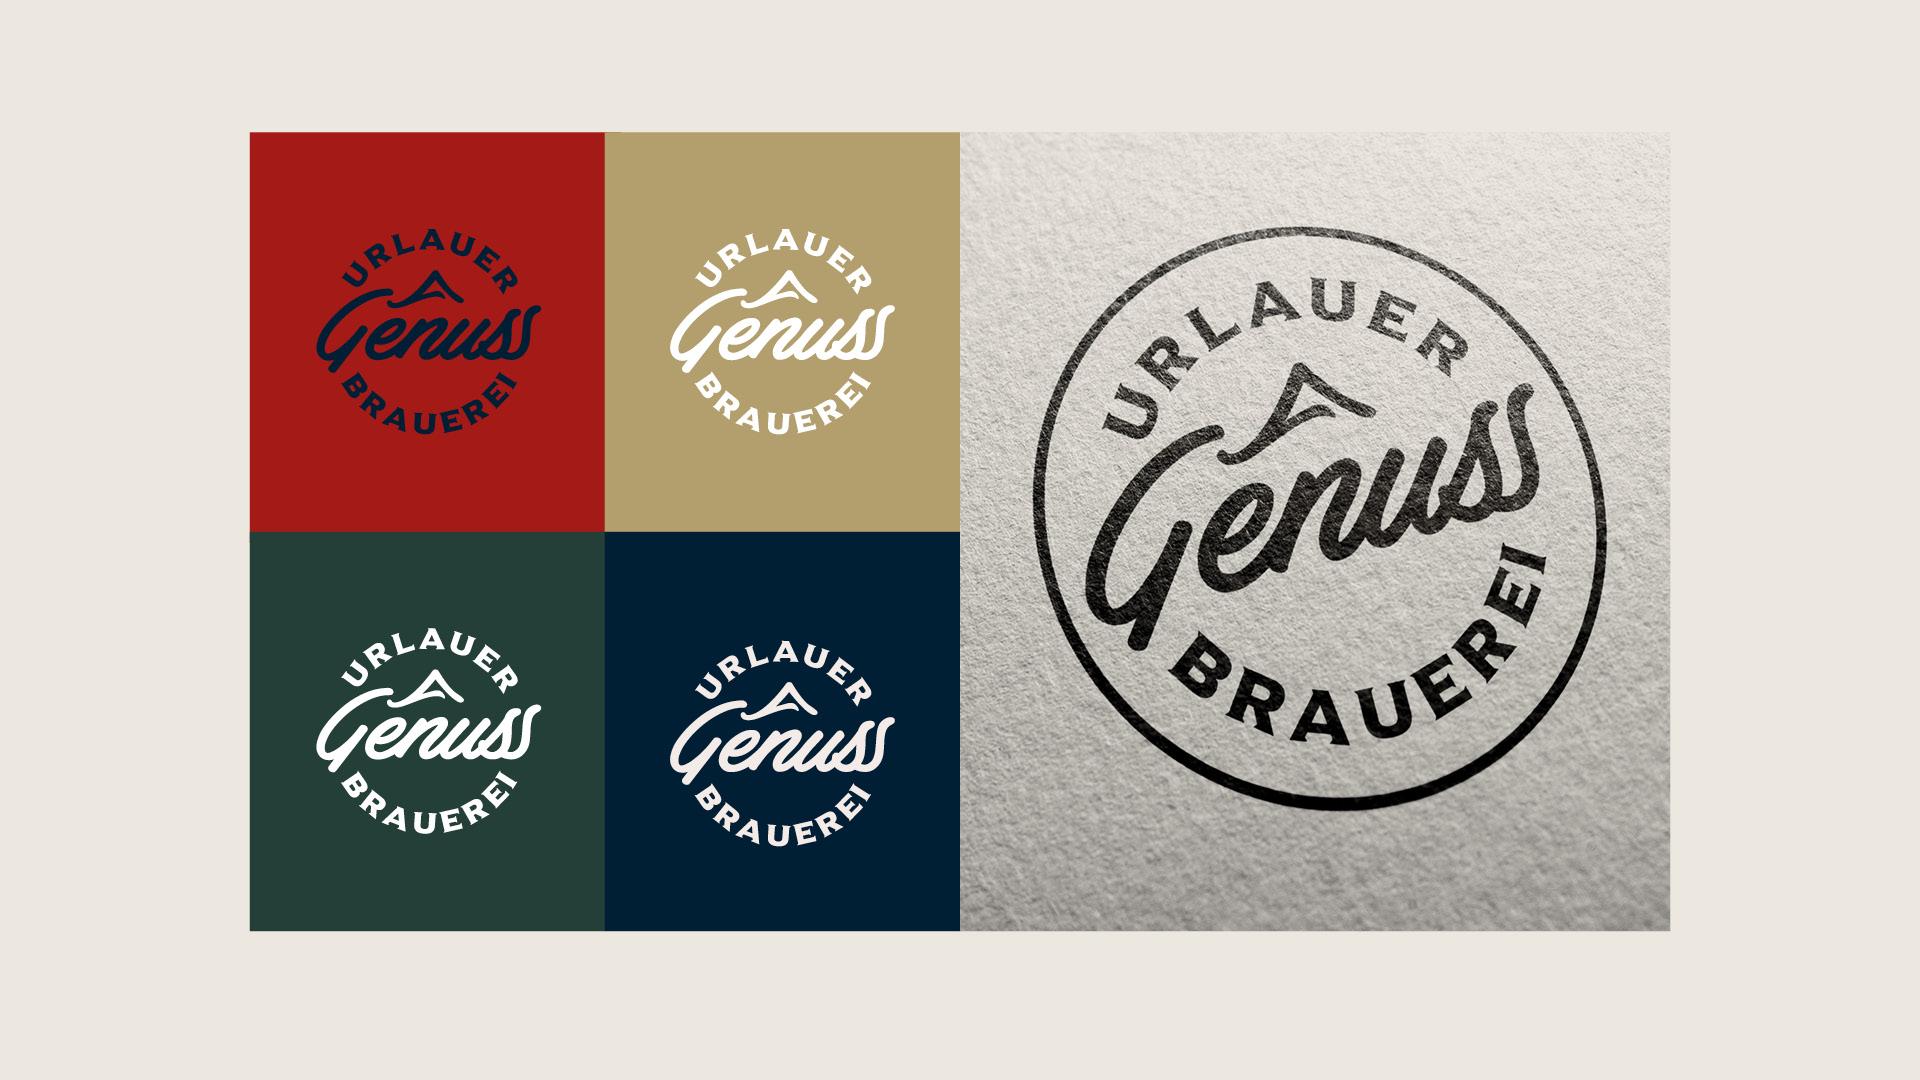 urlauer_genuss2